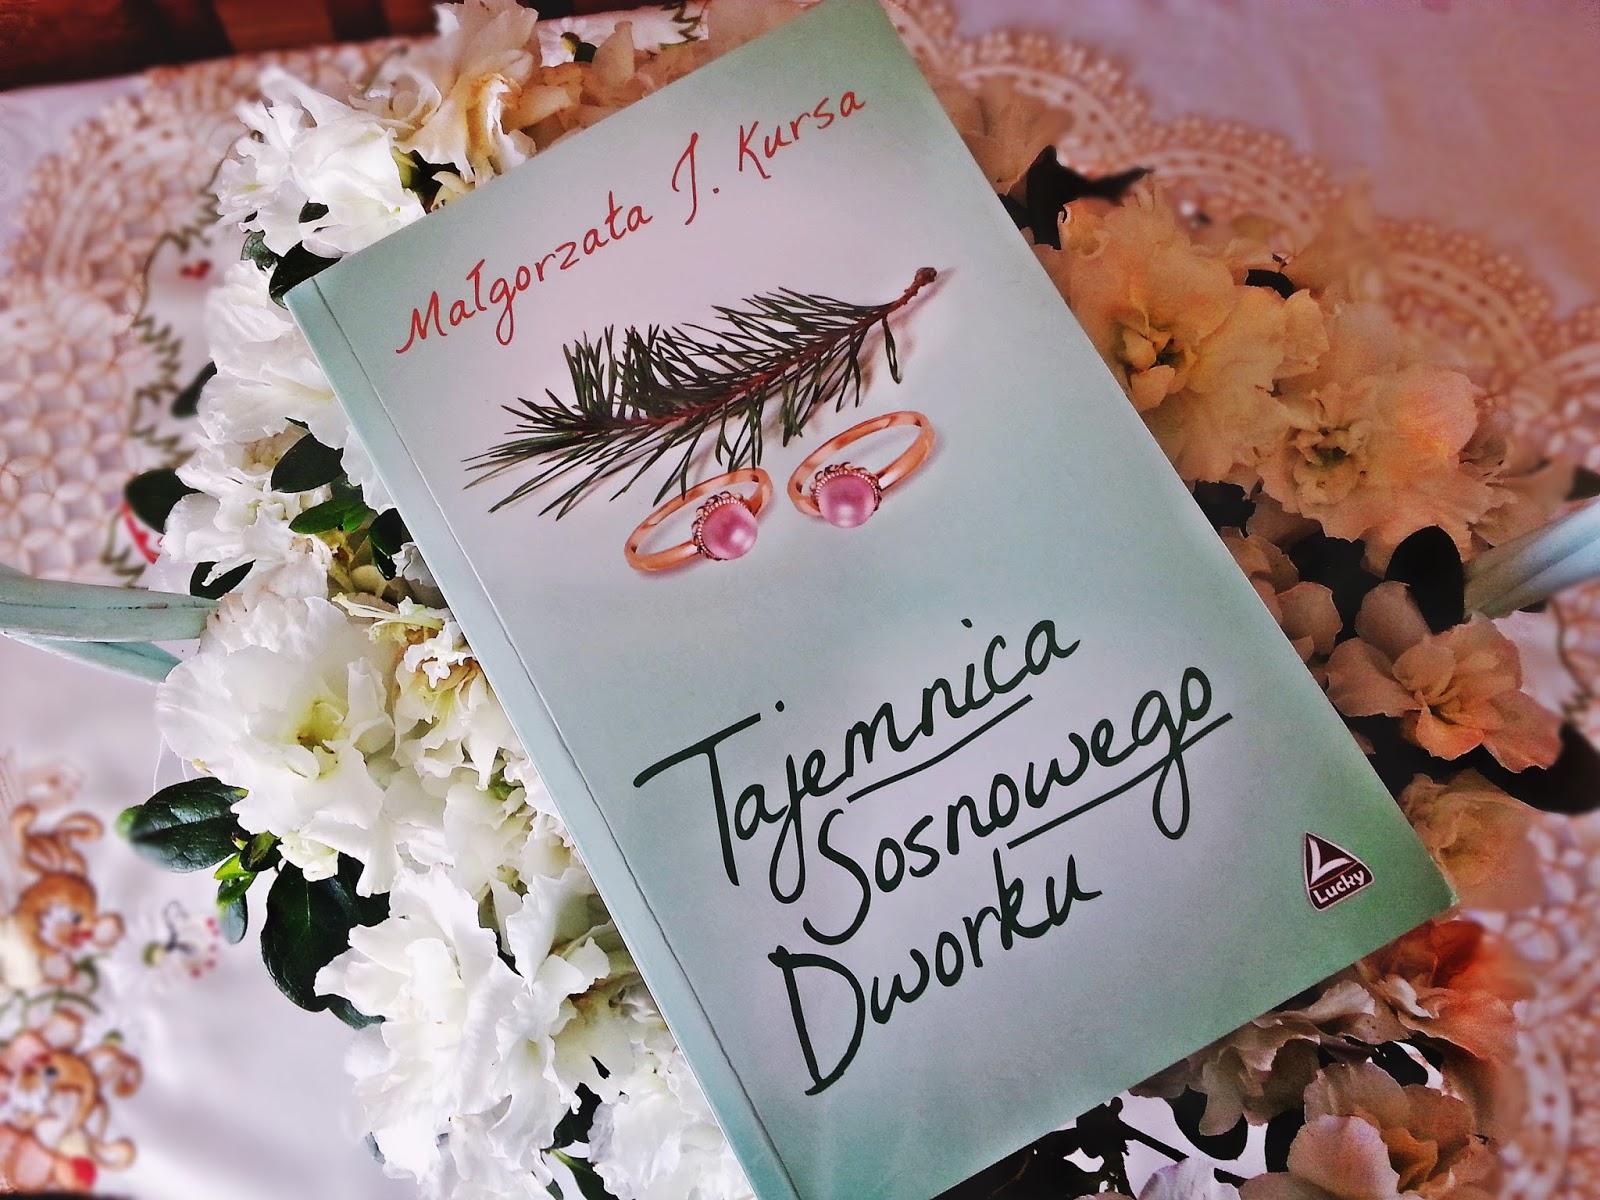 Tajemnica Sosnowego Dworku, Małgorzata J. Kursa, Wydawnictwo Lucky, książka, recenzja